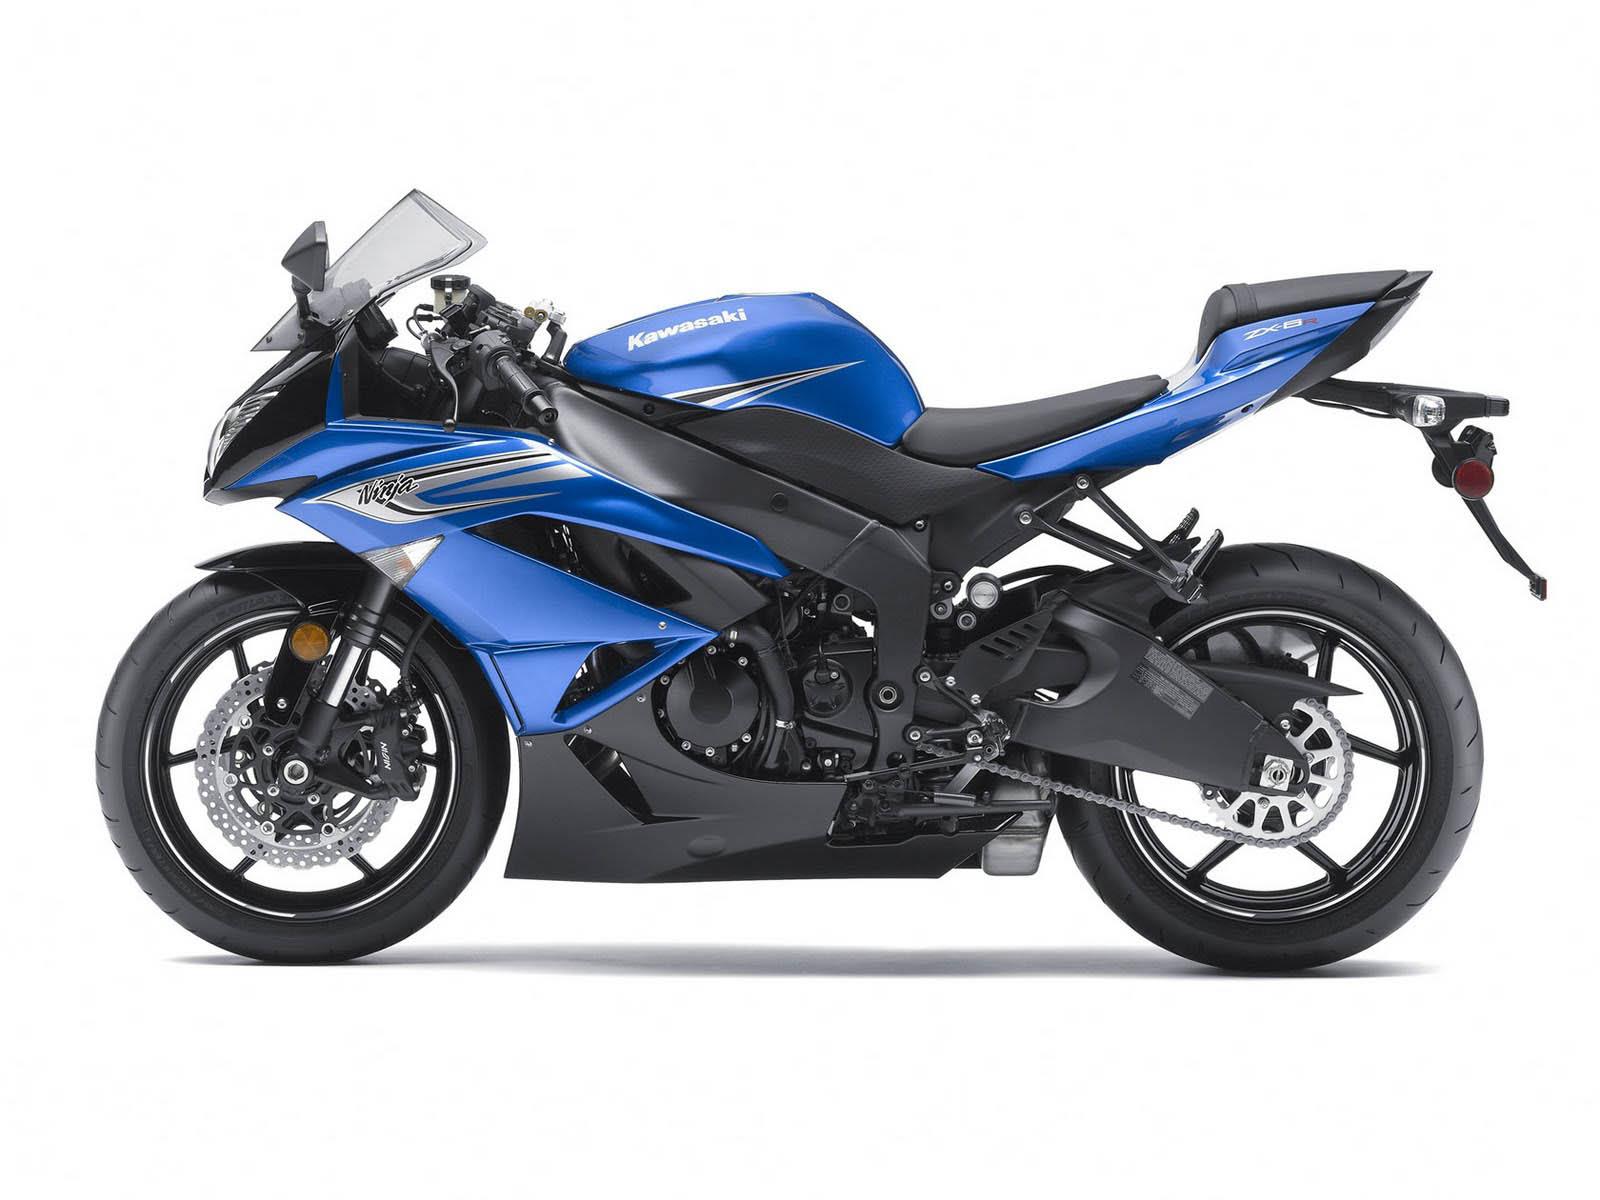 Kawasaki Ninja R For Sale Near Me